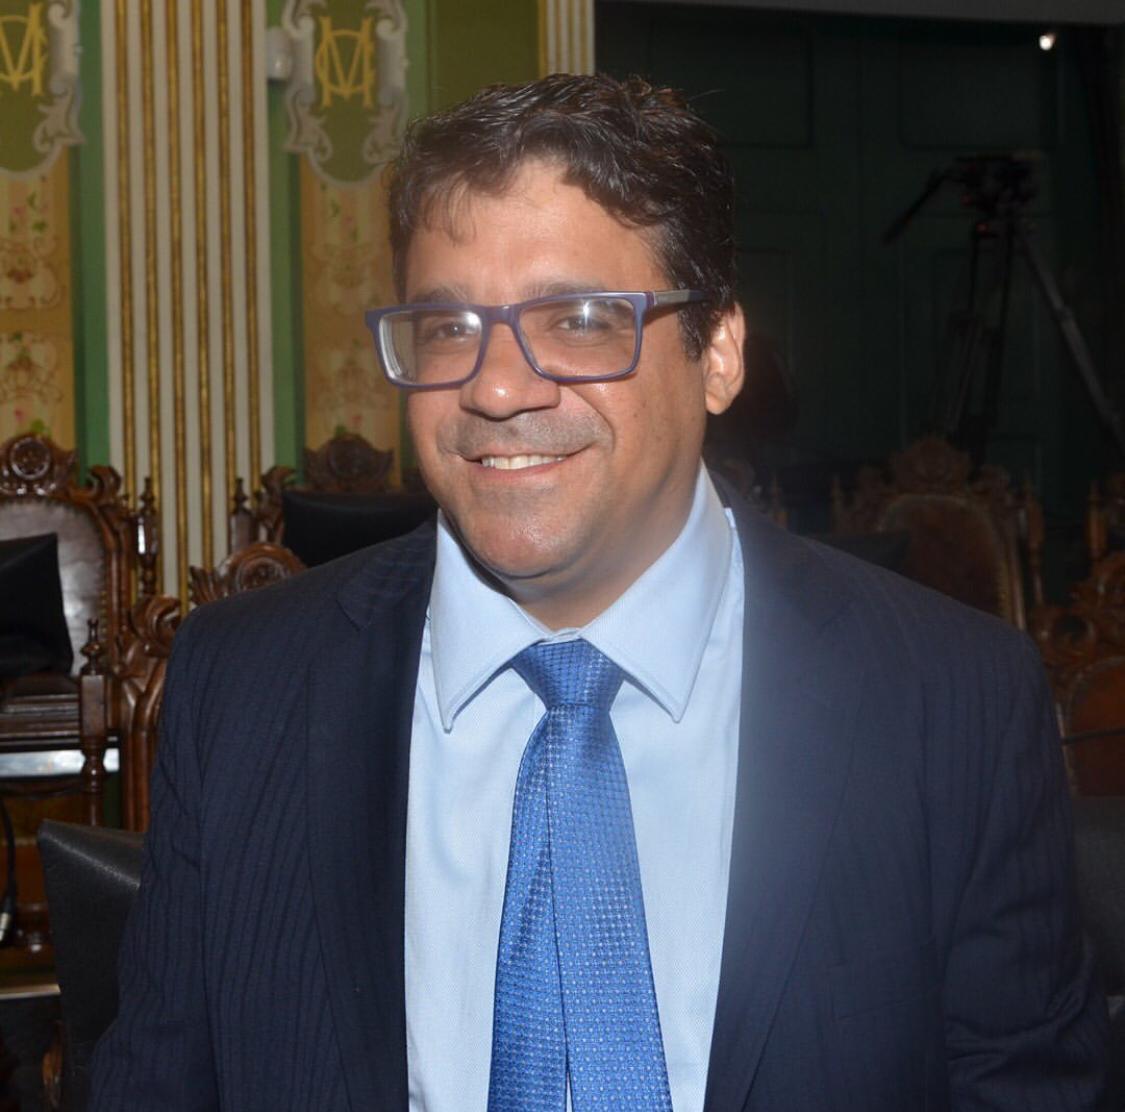 Daniel Rios propõe que parte das emendas dos vereadores seja aplicada no combate ao coronavírus